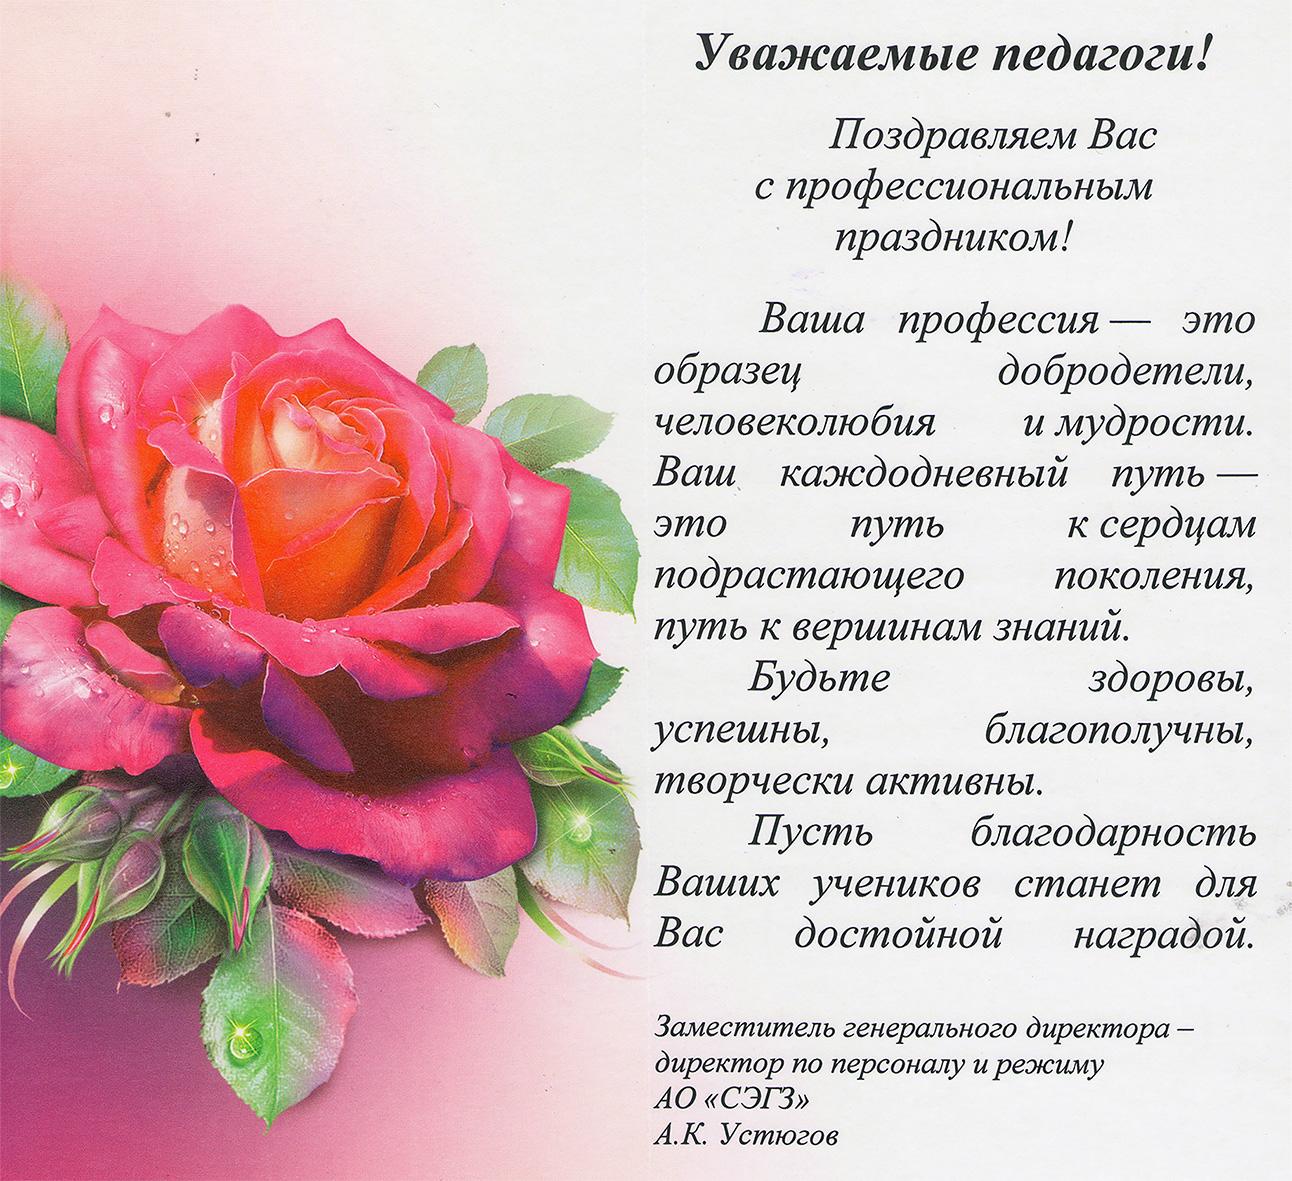 Поздравления с днем рождения учителю/учительнице - Поздравок 53